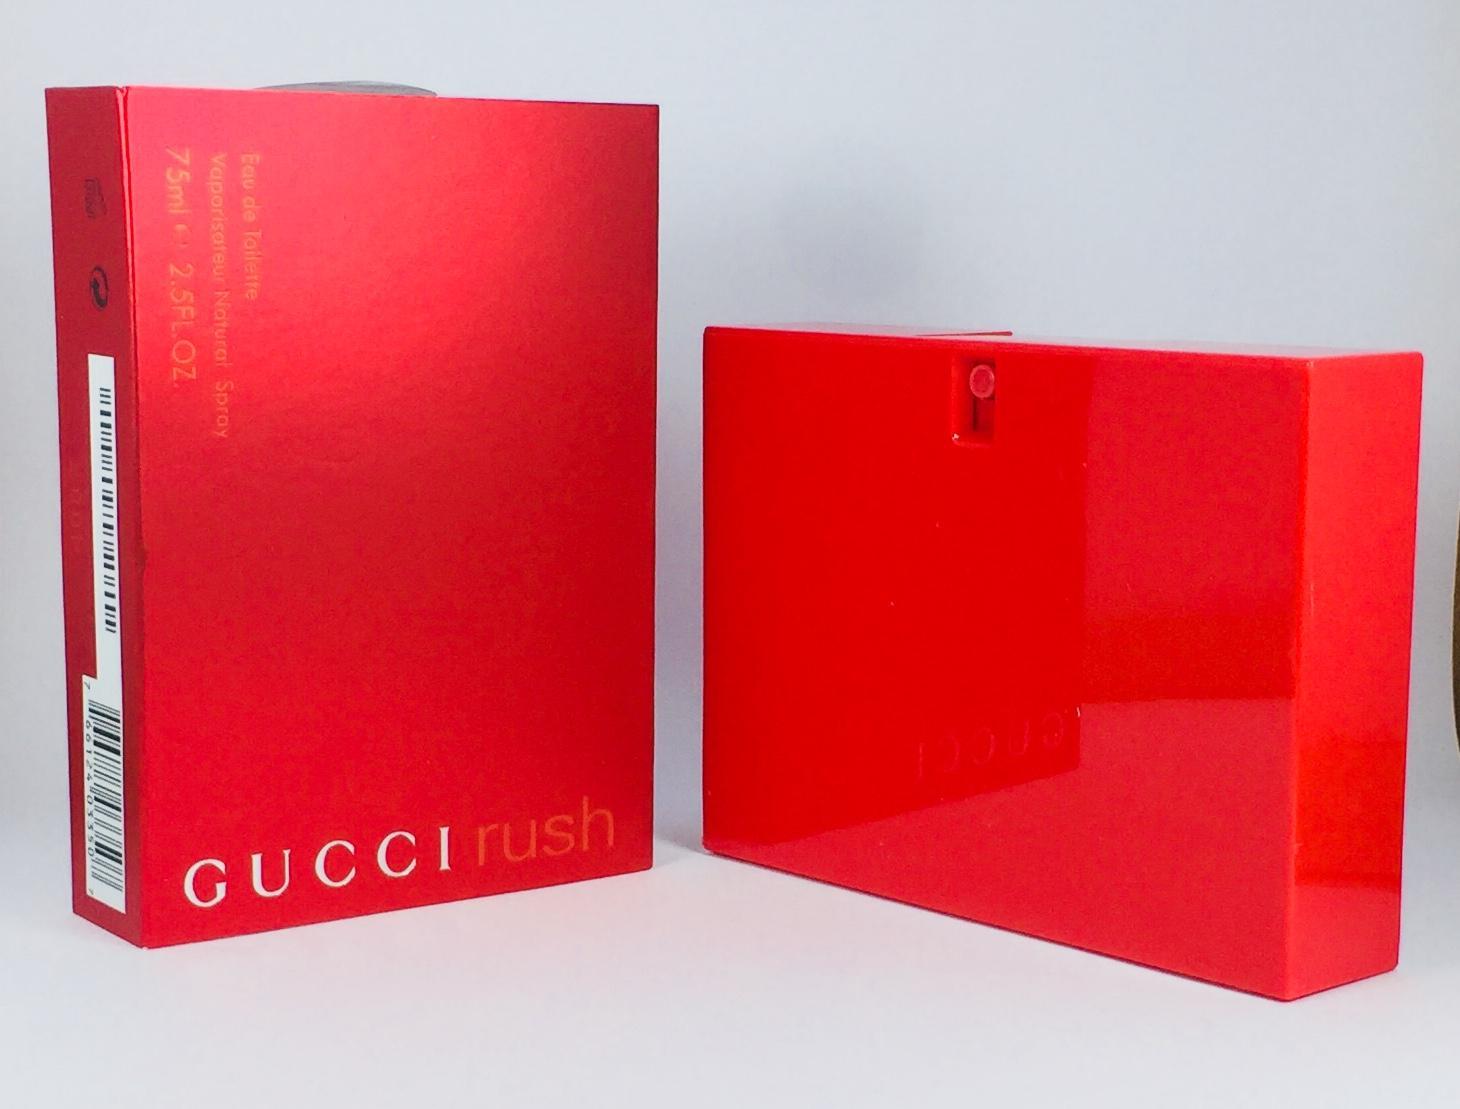 d5d4b1c37 Women's Cologne brands - Women's Fragrance on sale, prices, set ...